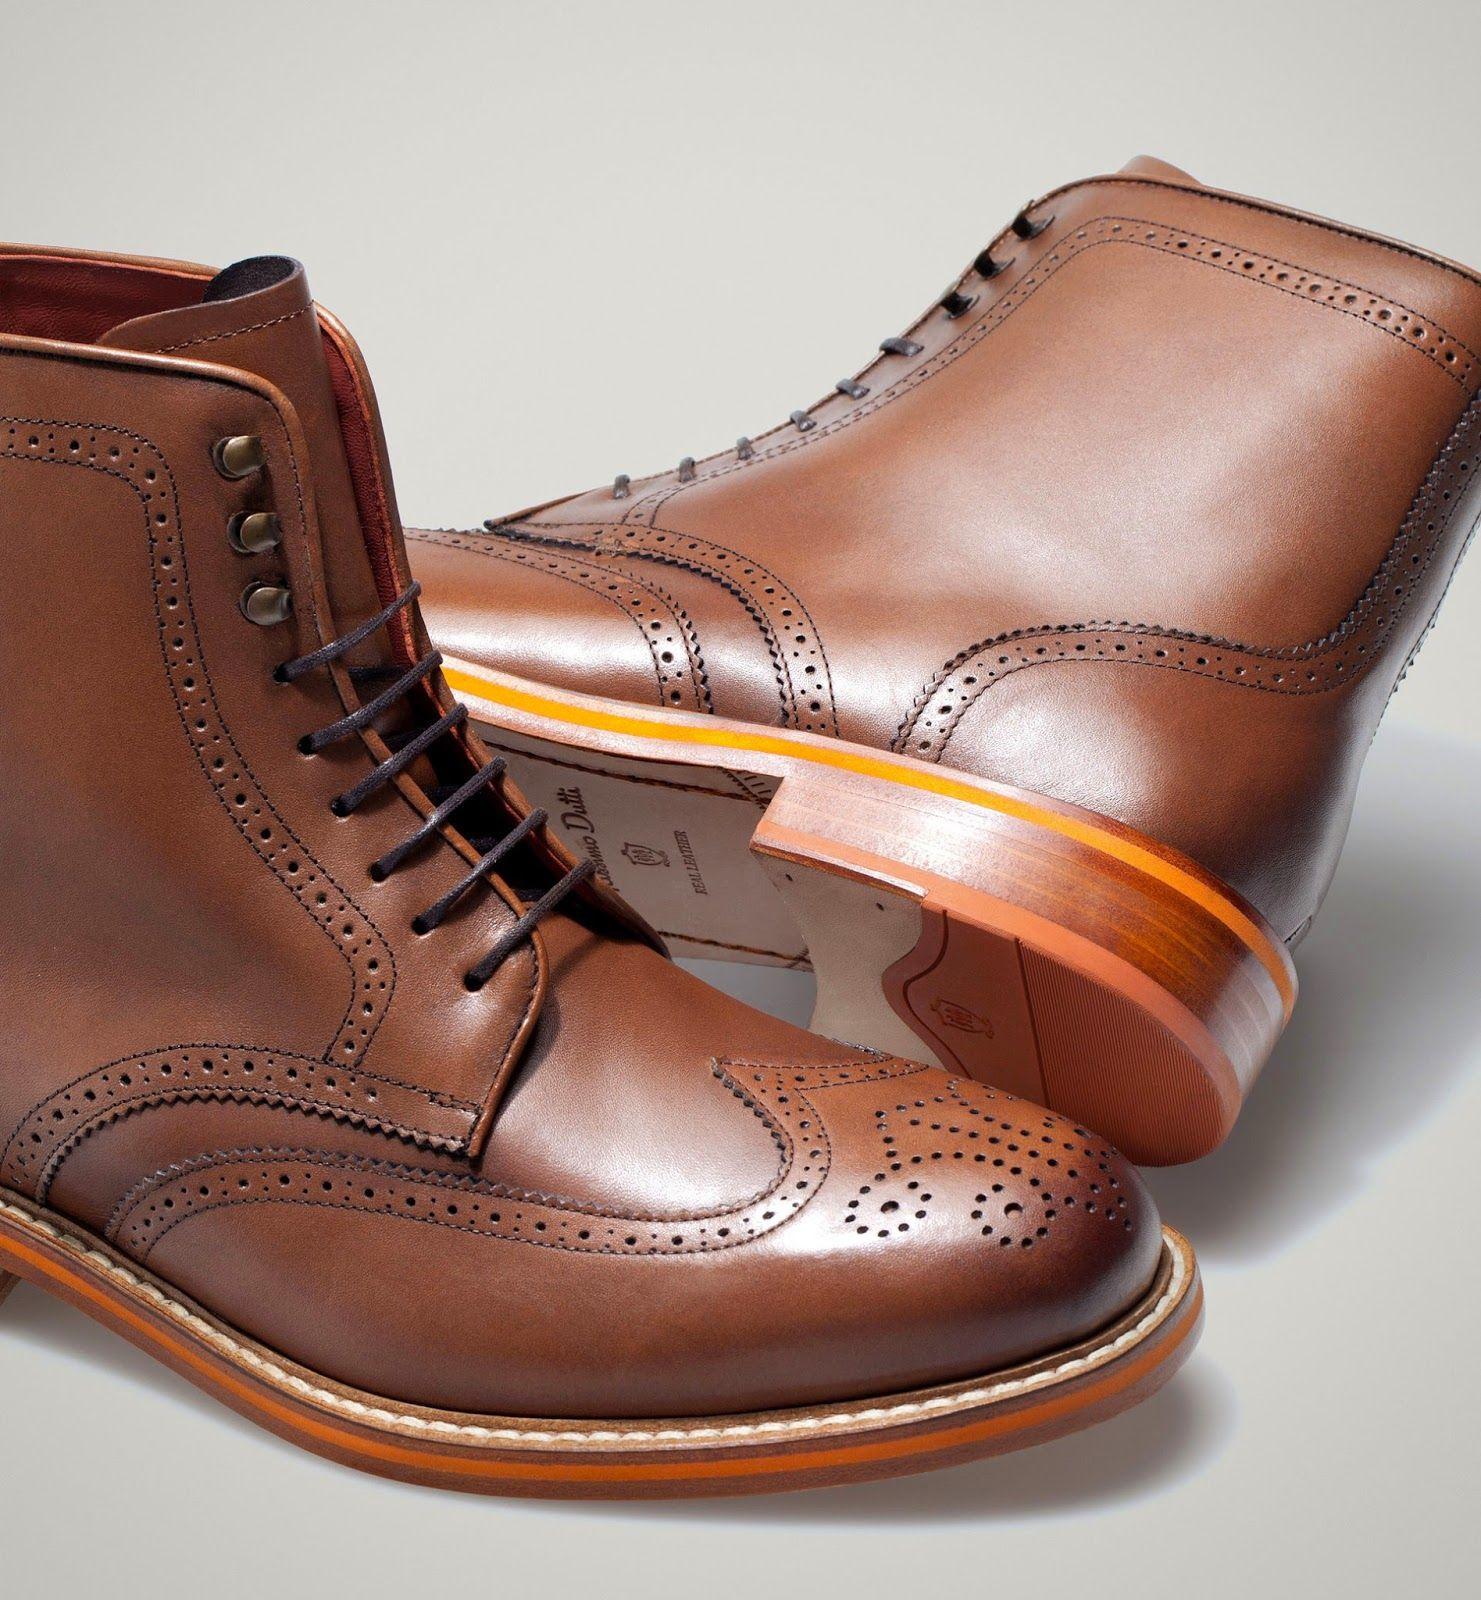 Cultures Hommes: Botte perforée cuir Massimo Dutti